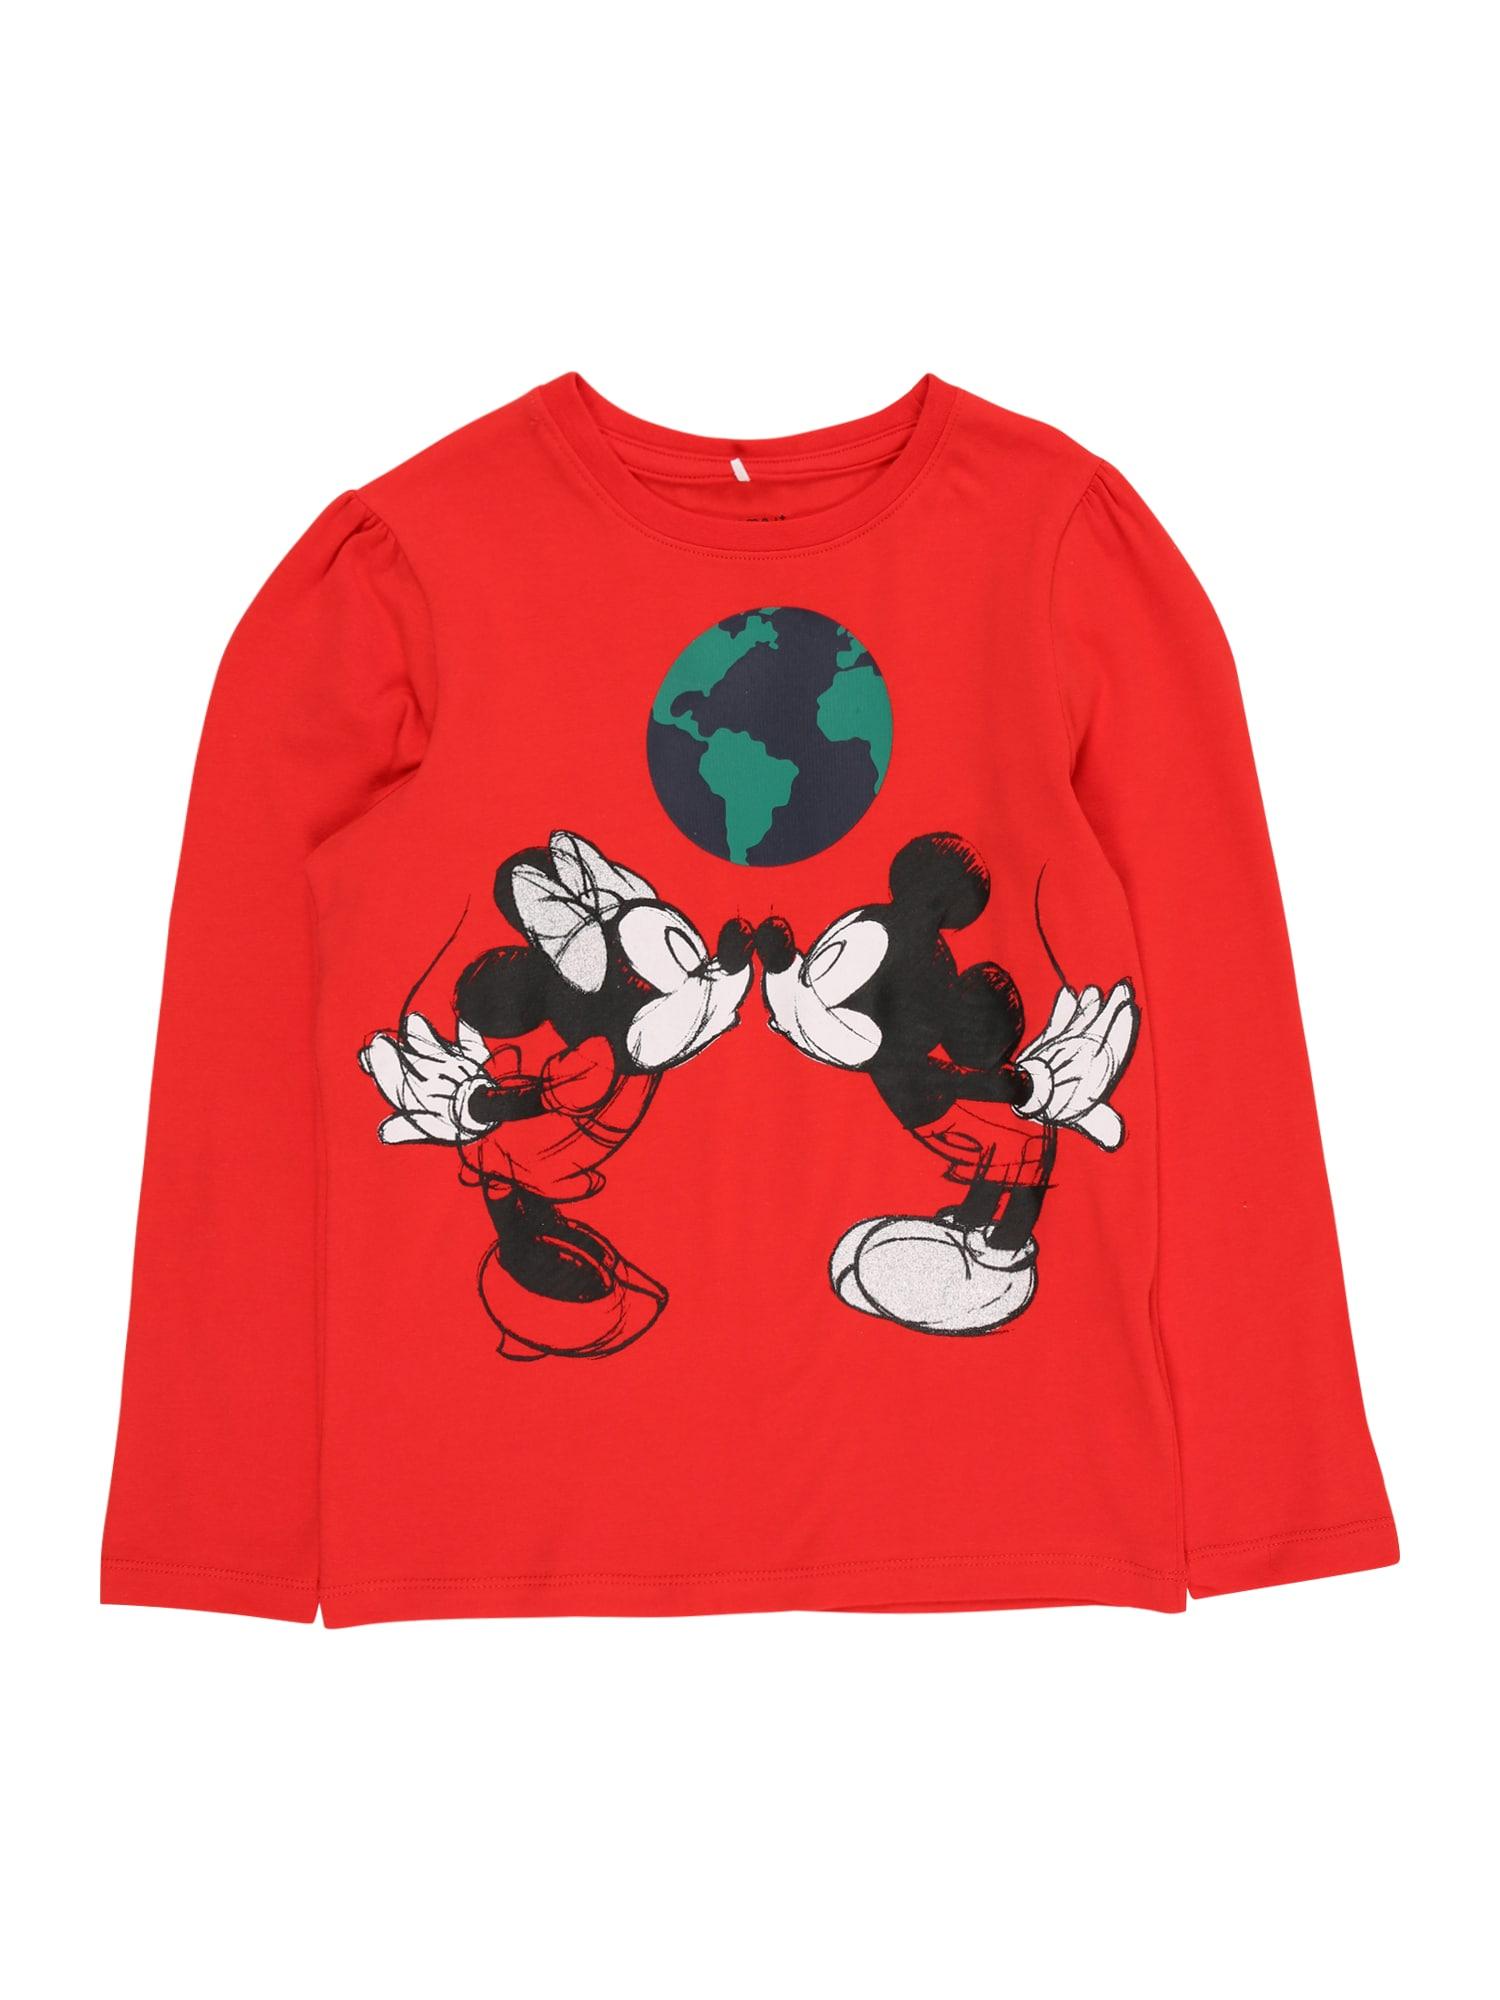 NAME IT Marškinėliai 'MINNIE LENA' raudona / juoda / nakties mėlyna / žalia